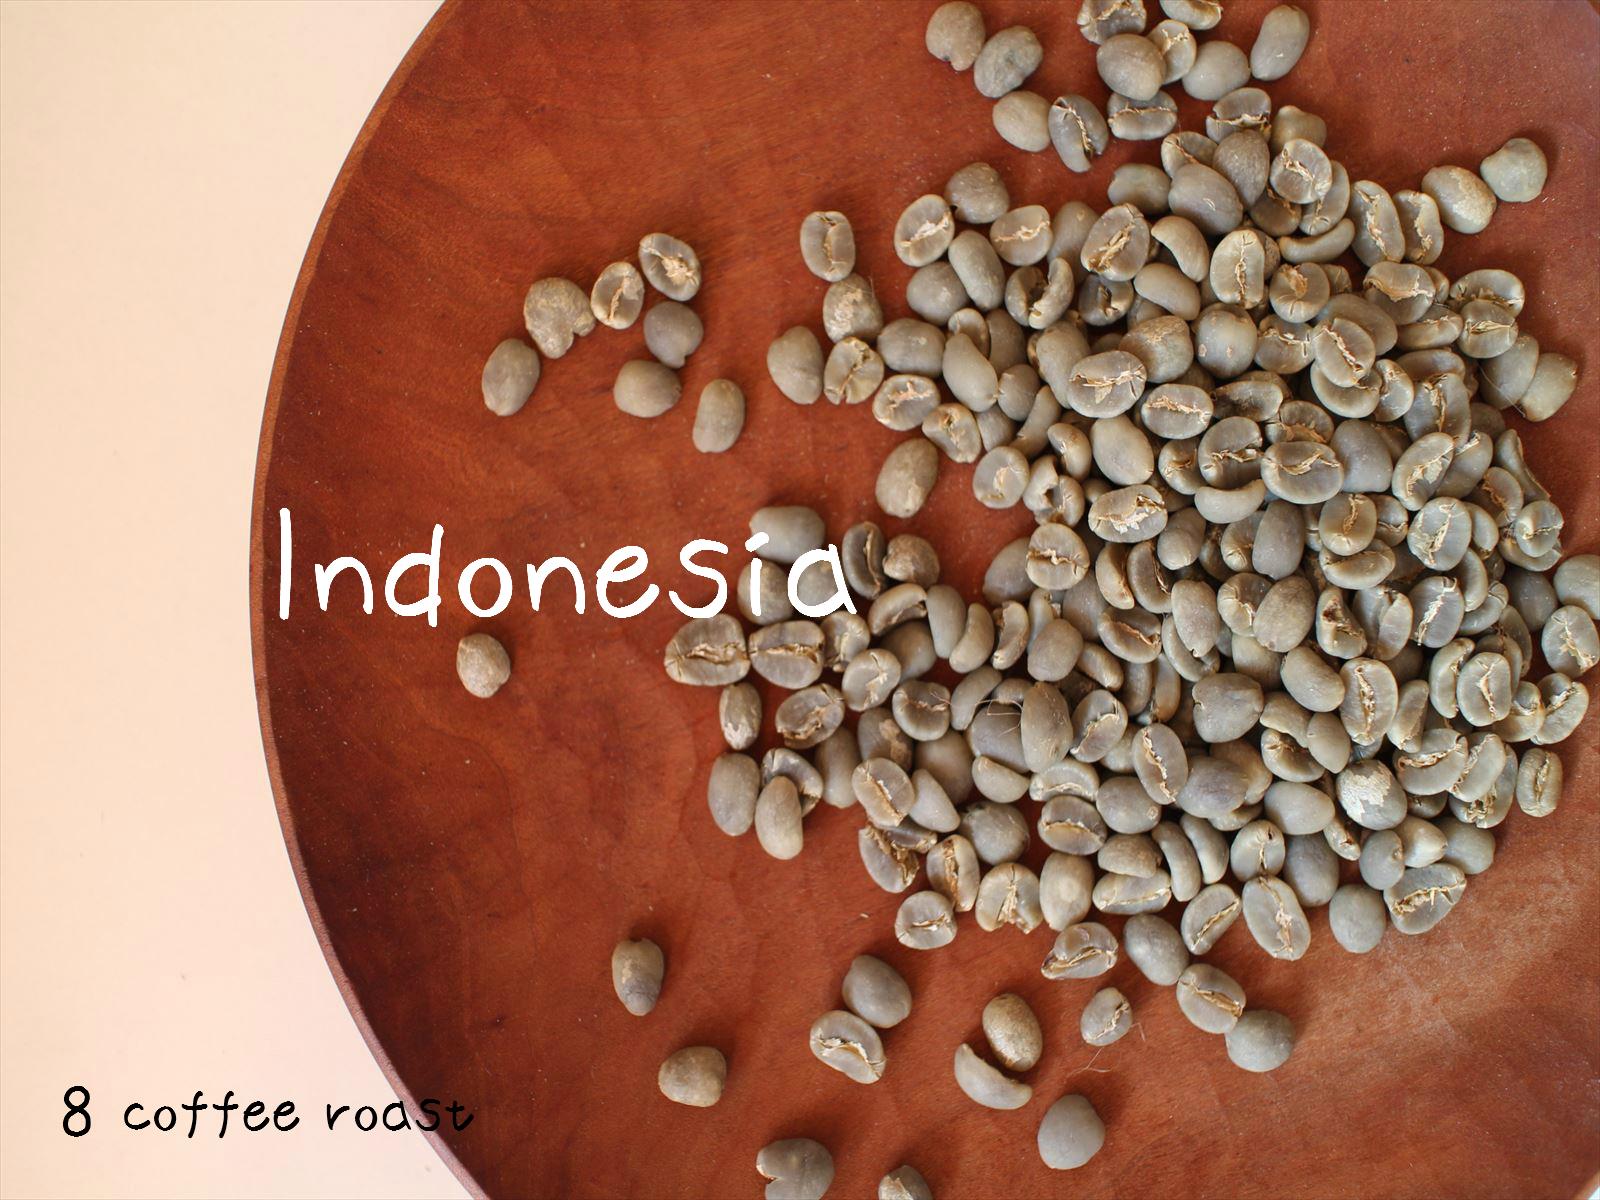 ショップ 送料無料 大好評です コーヒー生豆 業務用 インドネシア マンデリン 4kg 内容量 G-1 2kg×2袋